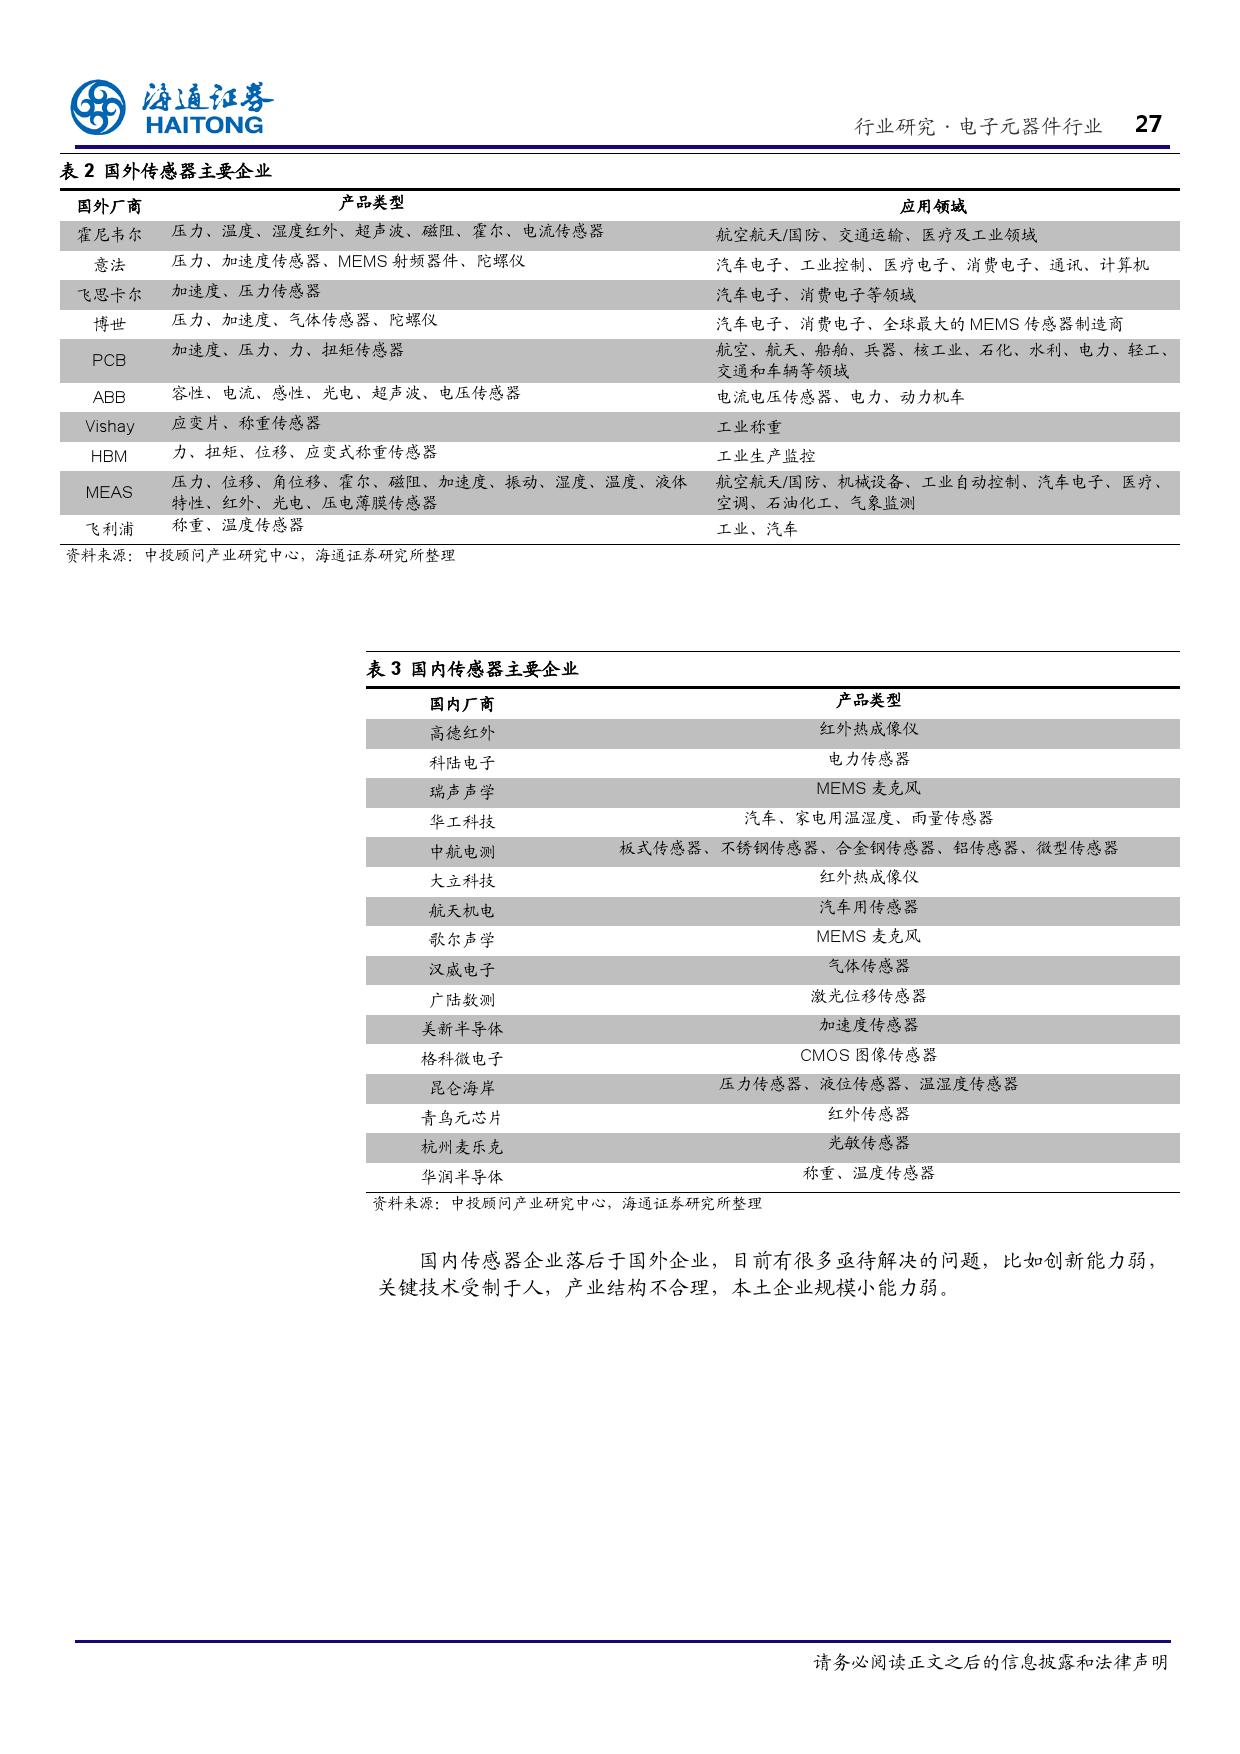 报告全解传感器全球产业链_000027